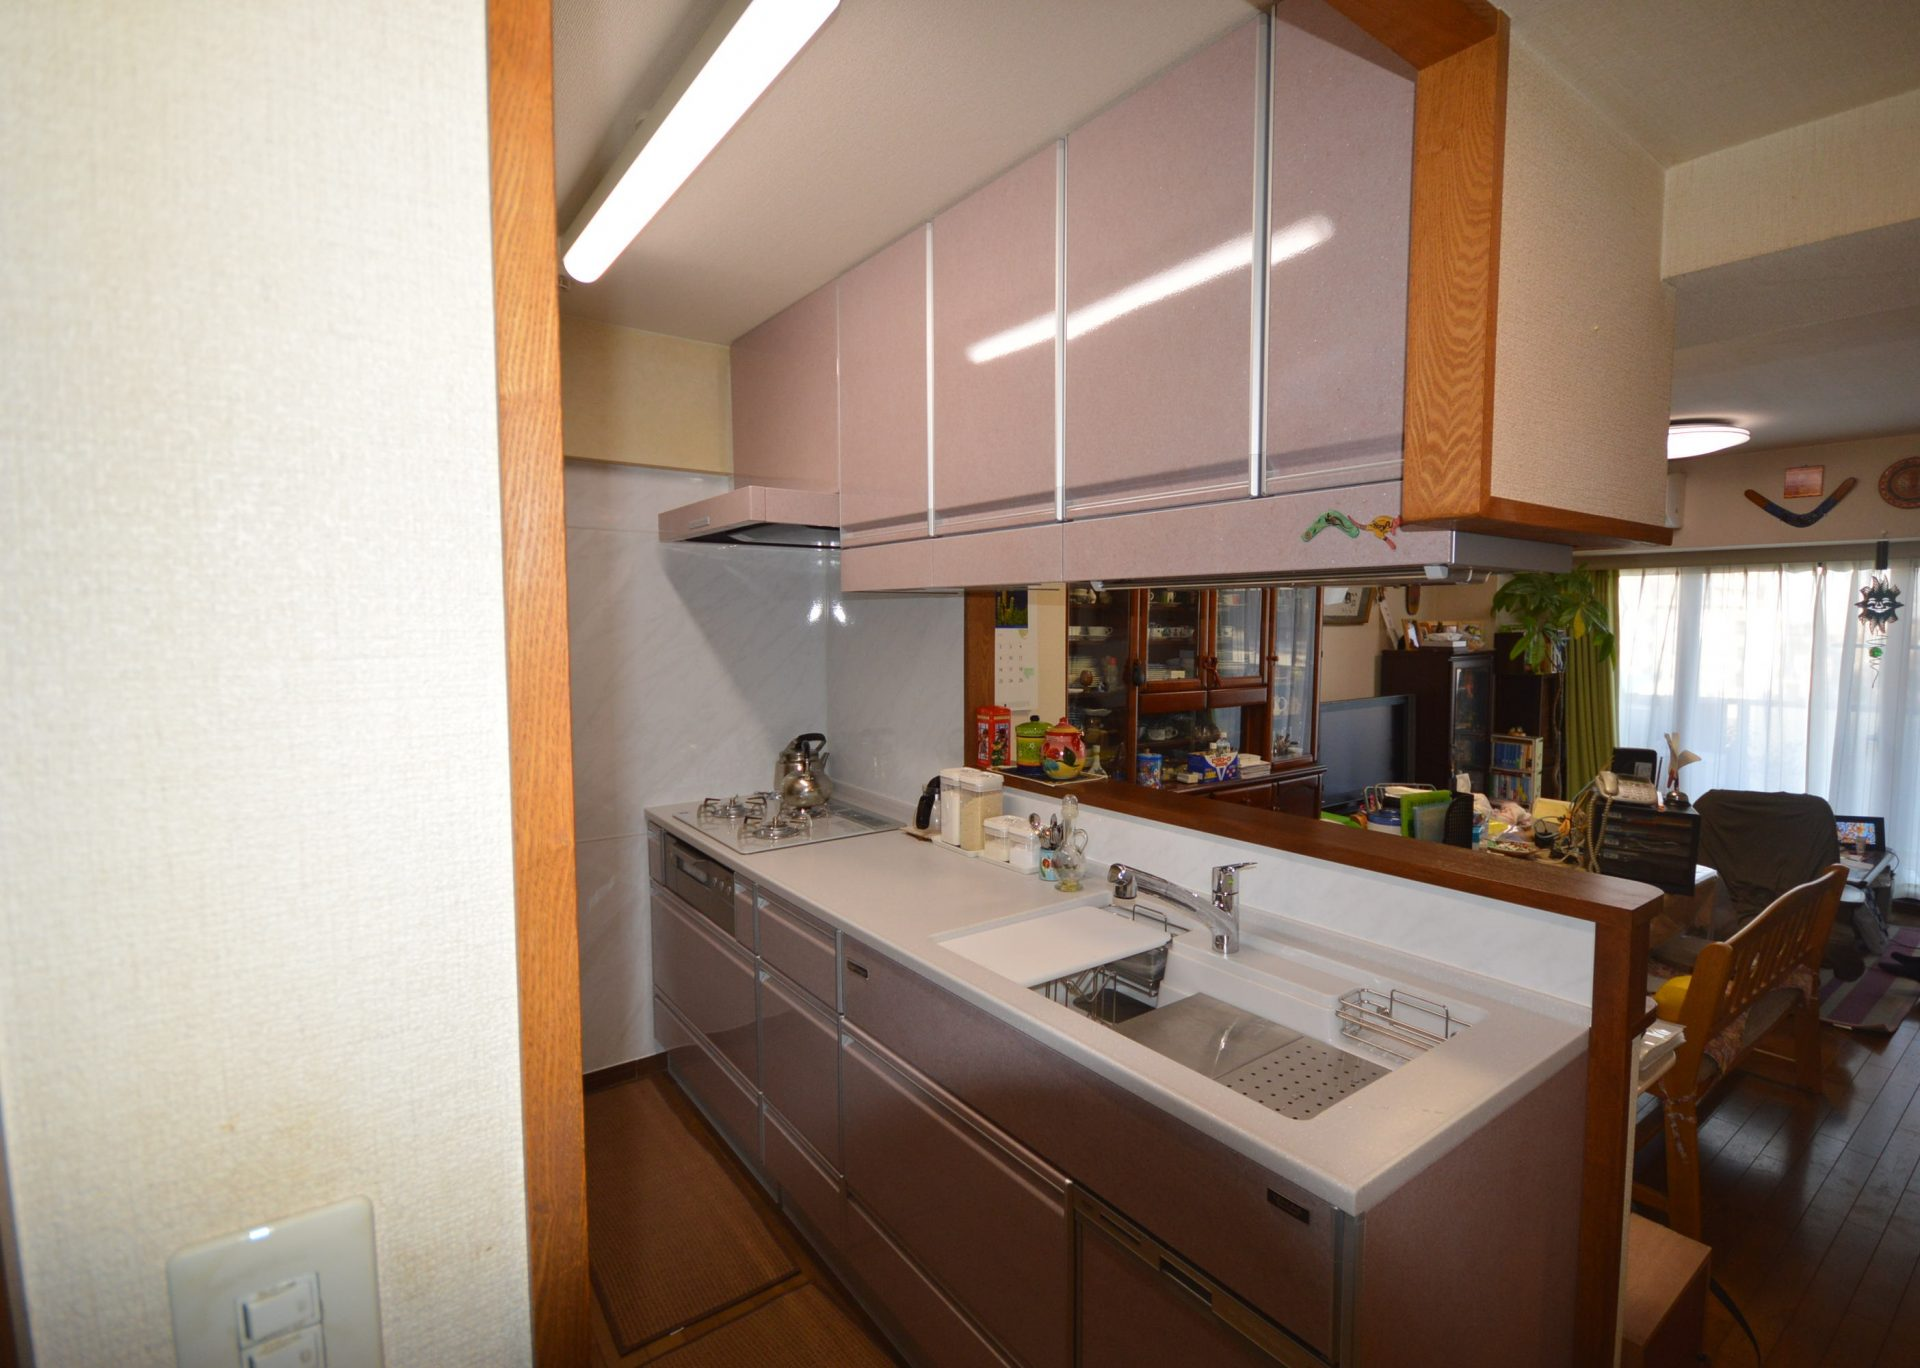 after : 奥様のお悩みを解決してくれた新しいキッチン。